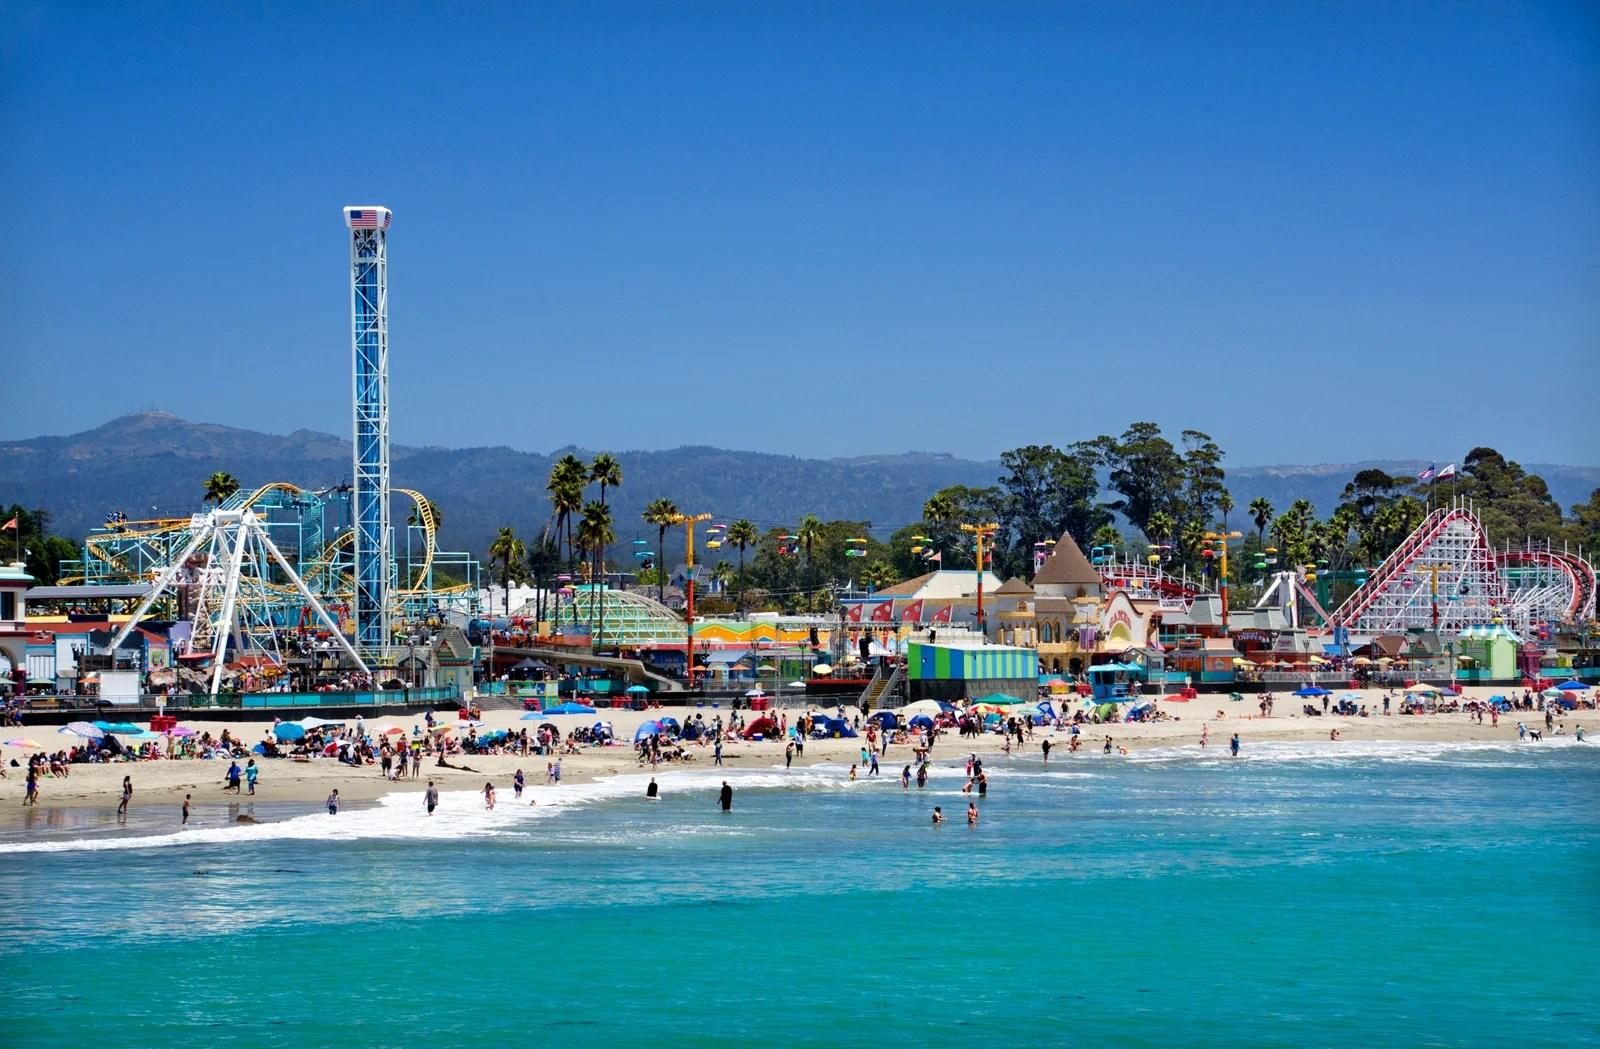 Summer in Santa Cruz: The Perfect Beach Town for Families